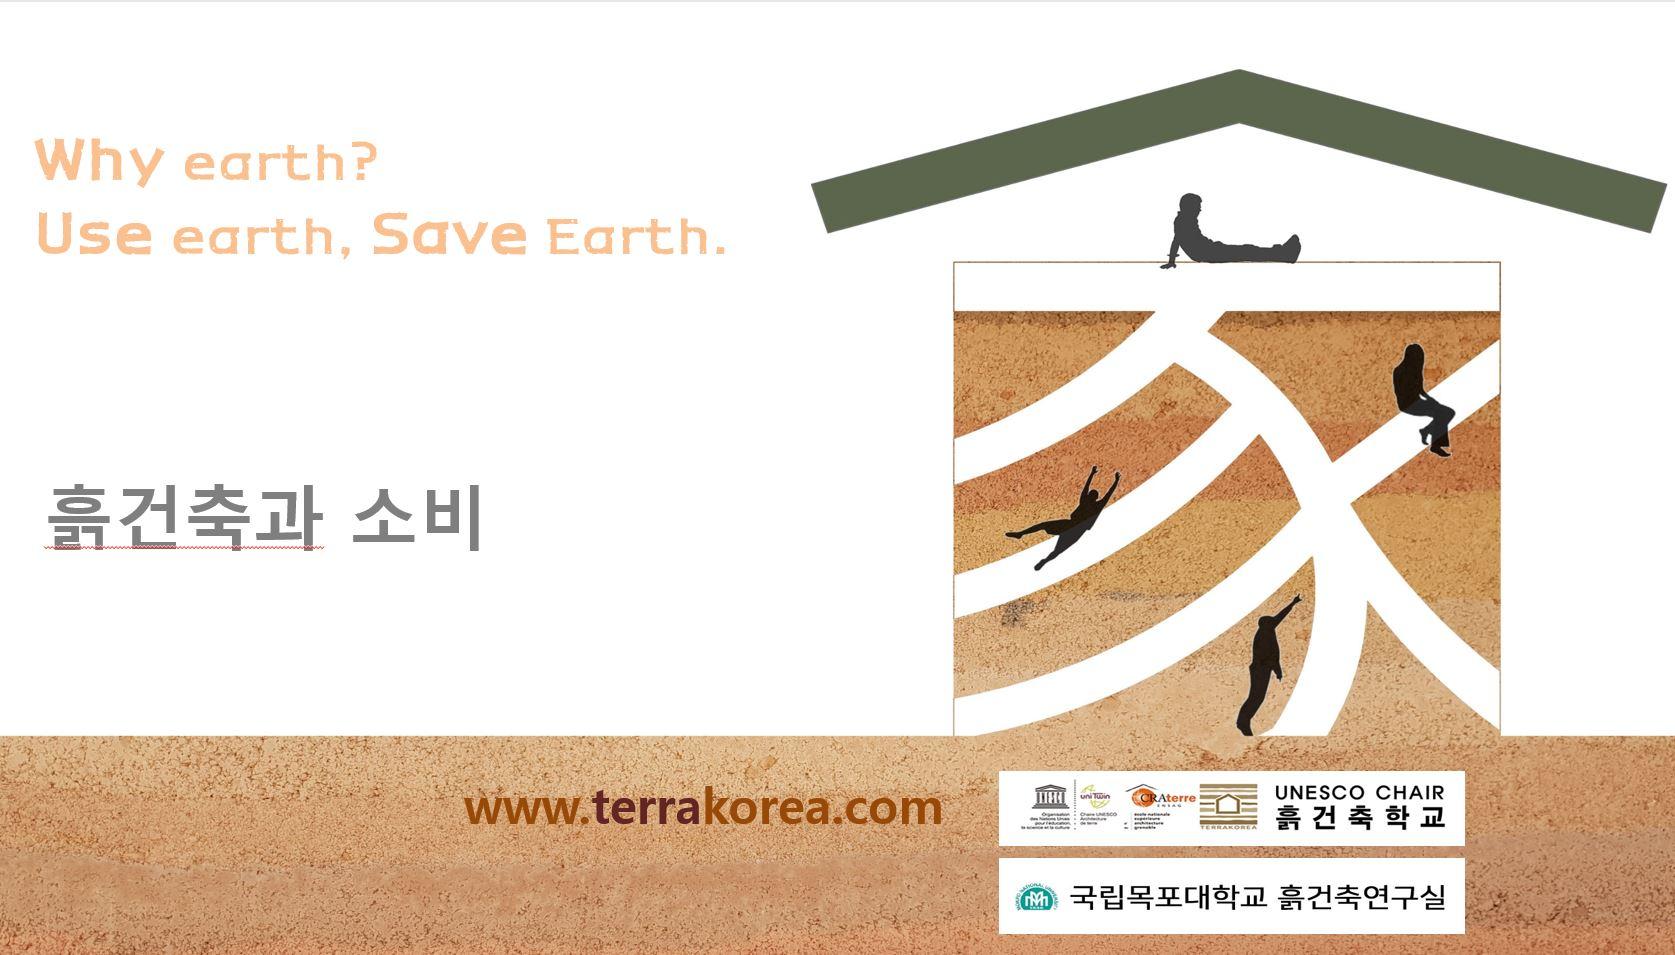 [특강] 흙건축과 소비